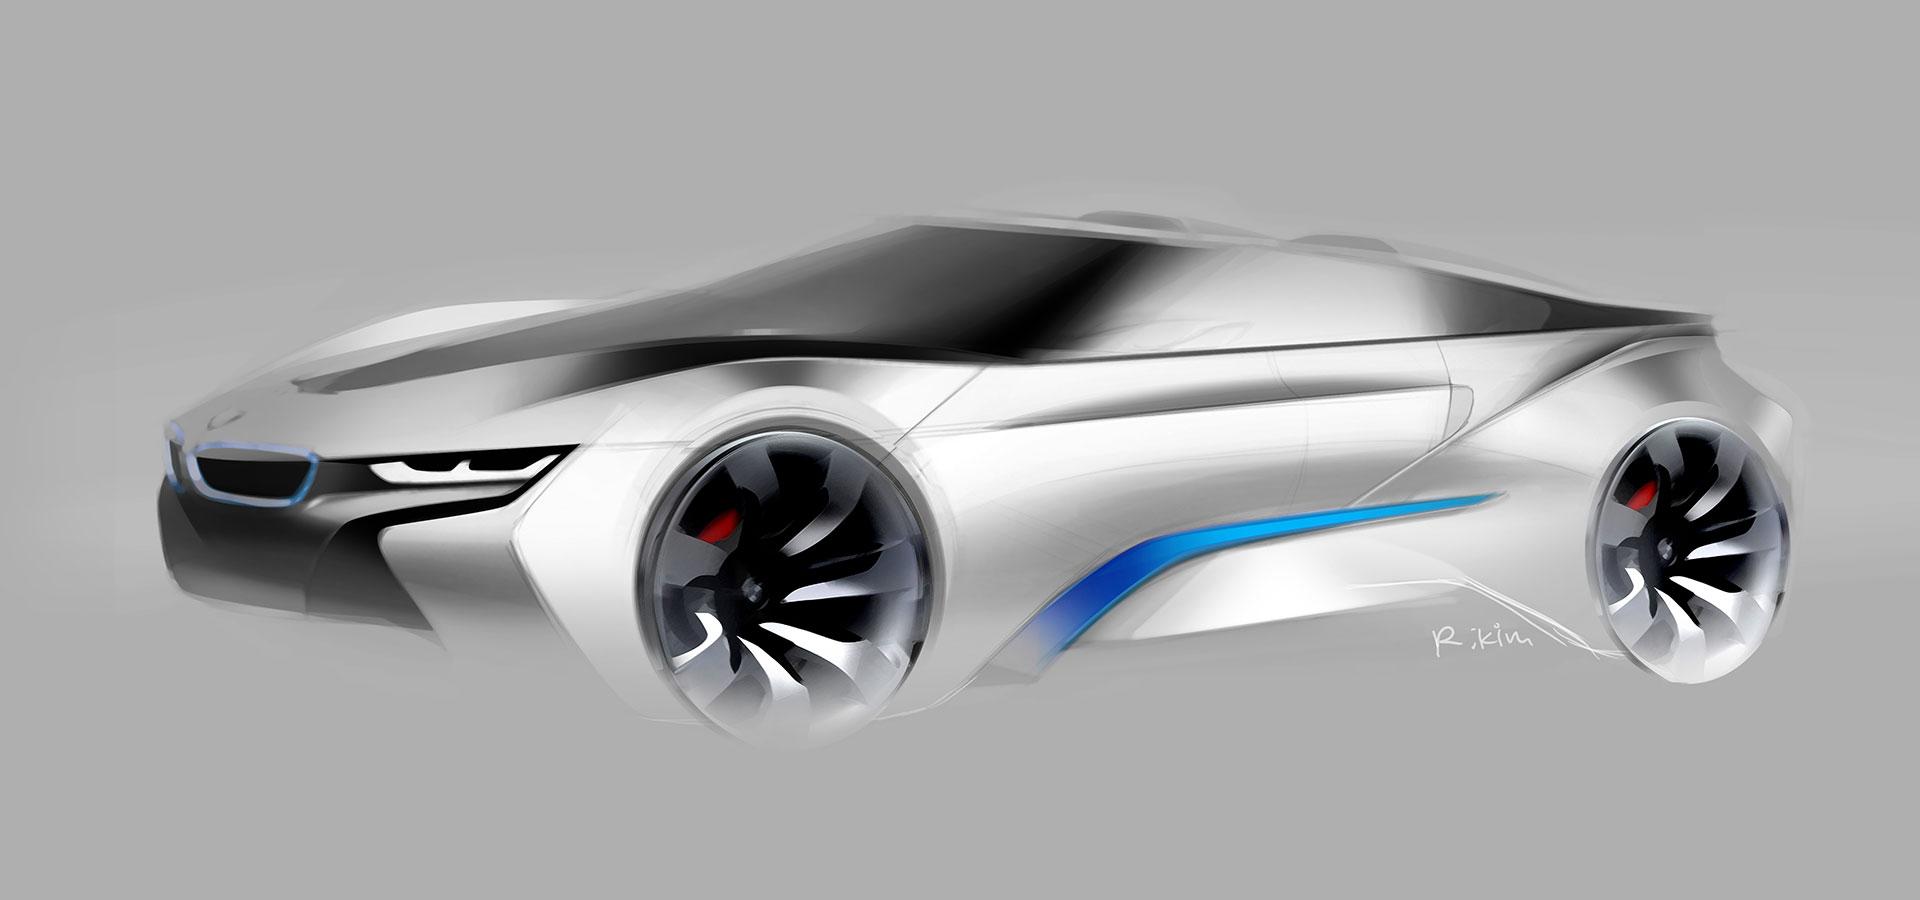 Bmw I8 Concept Spyder Design Sketch Car Body Design